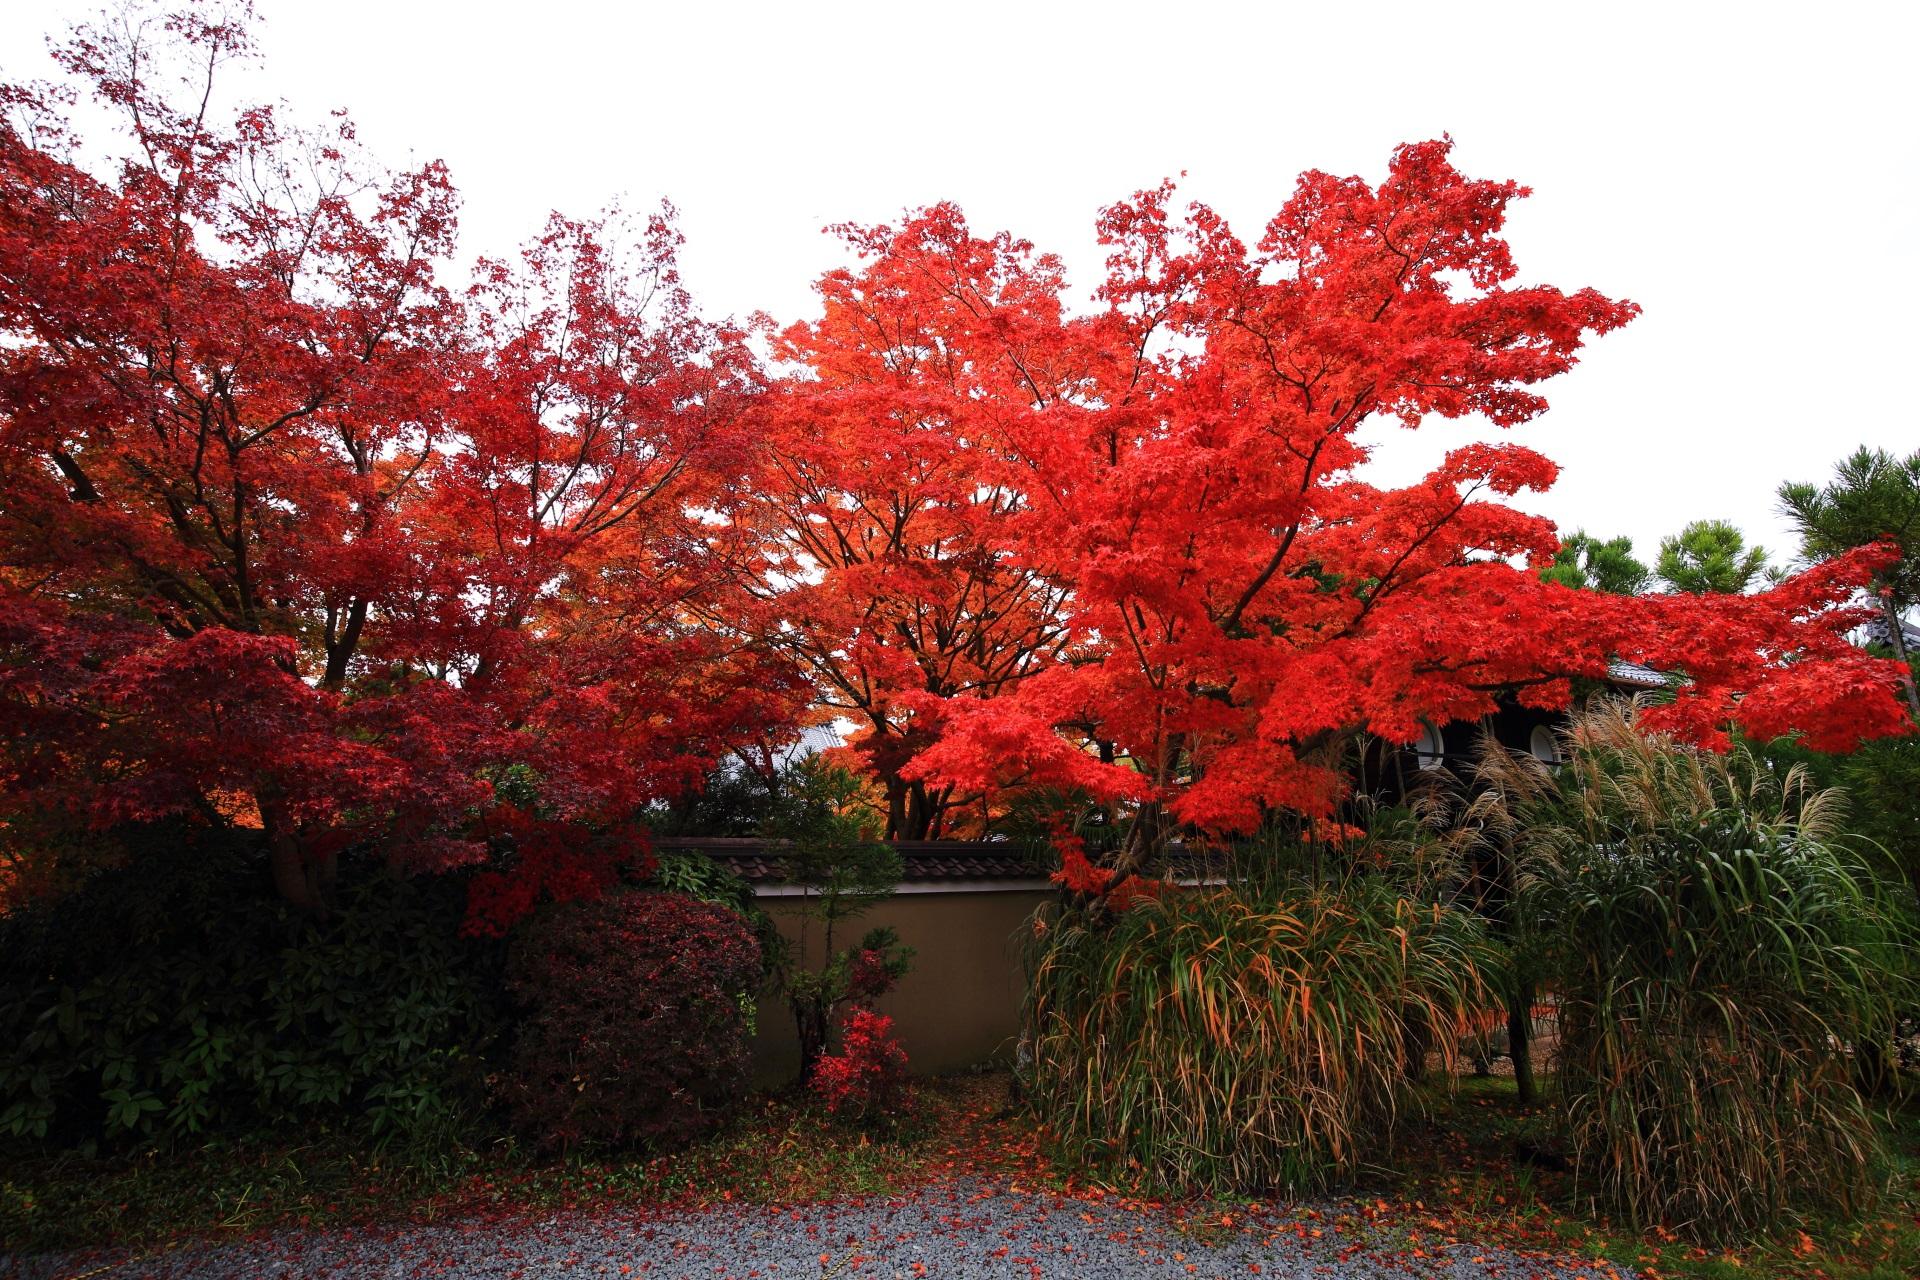 葉の密度も高く良い状態の良く色づいた源光庵の紅葉